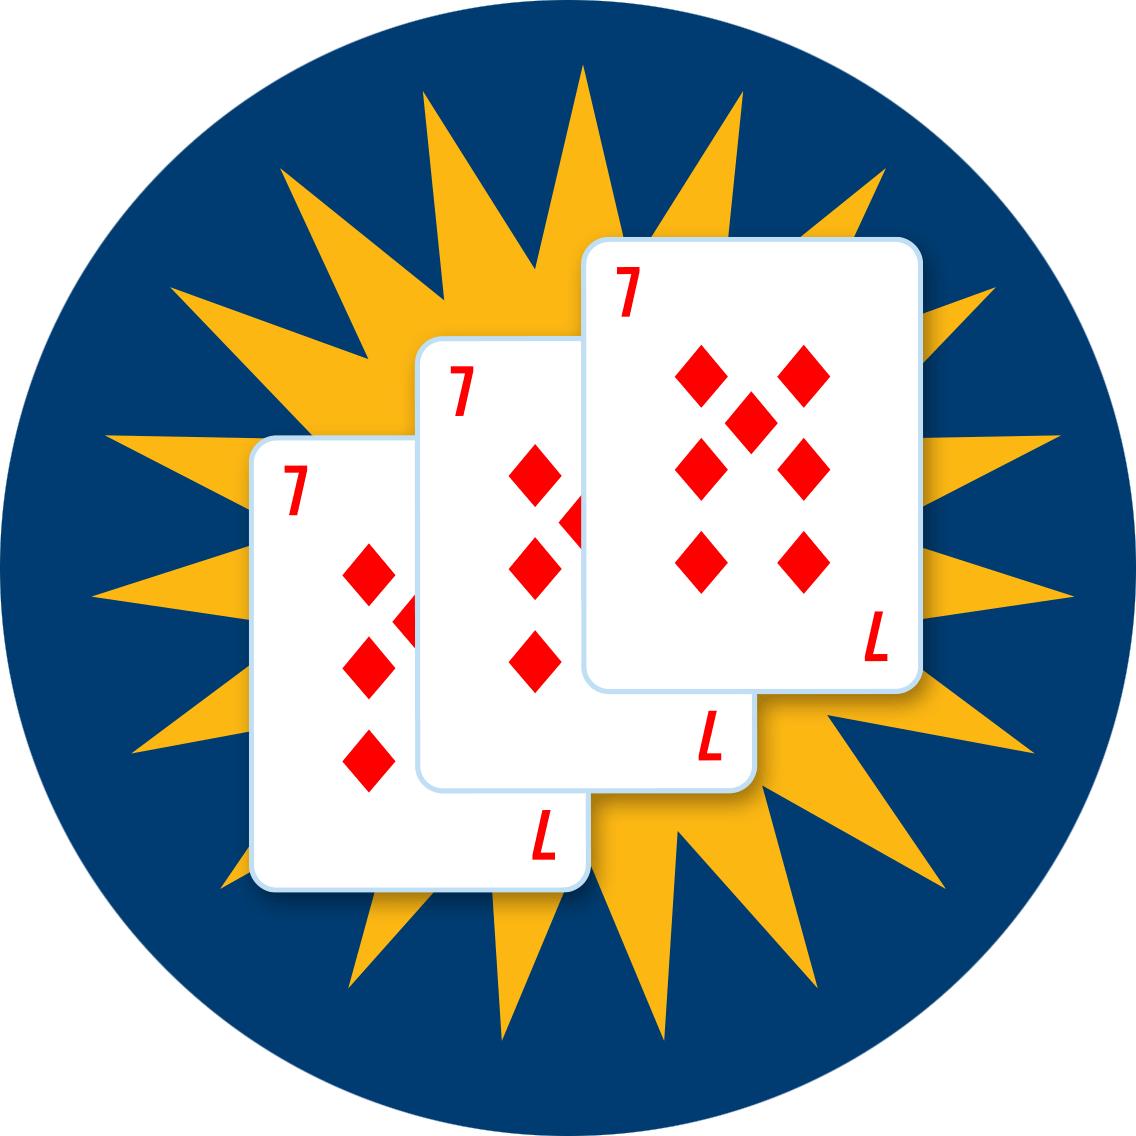 Trois 7 de carreau devant un boni en forme d'étoile.